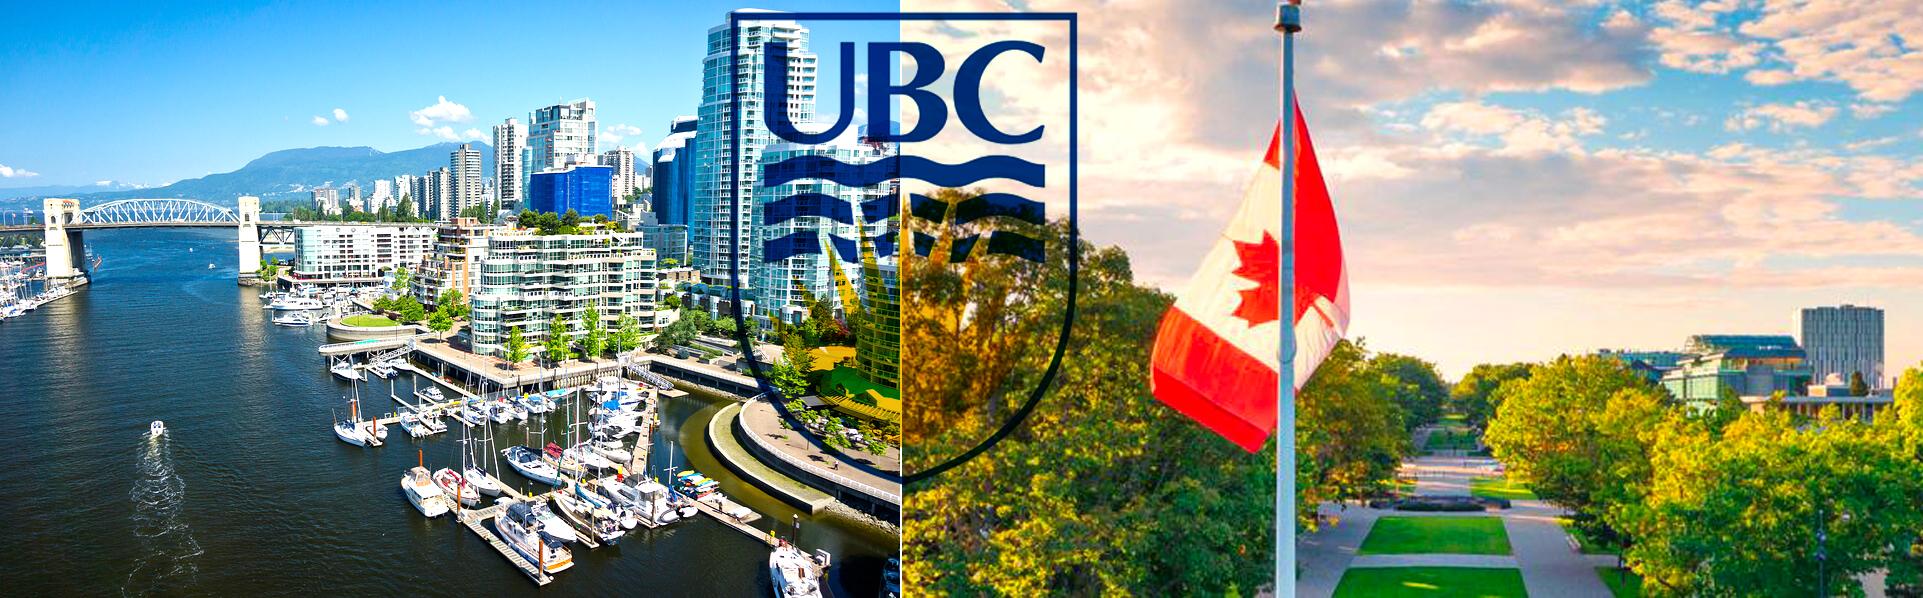 ubc-vancouver-campus-iep